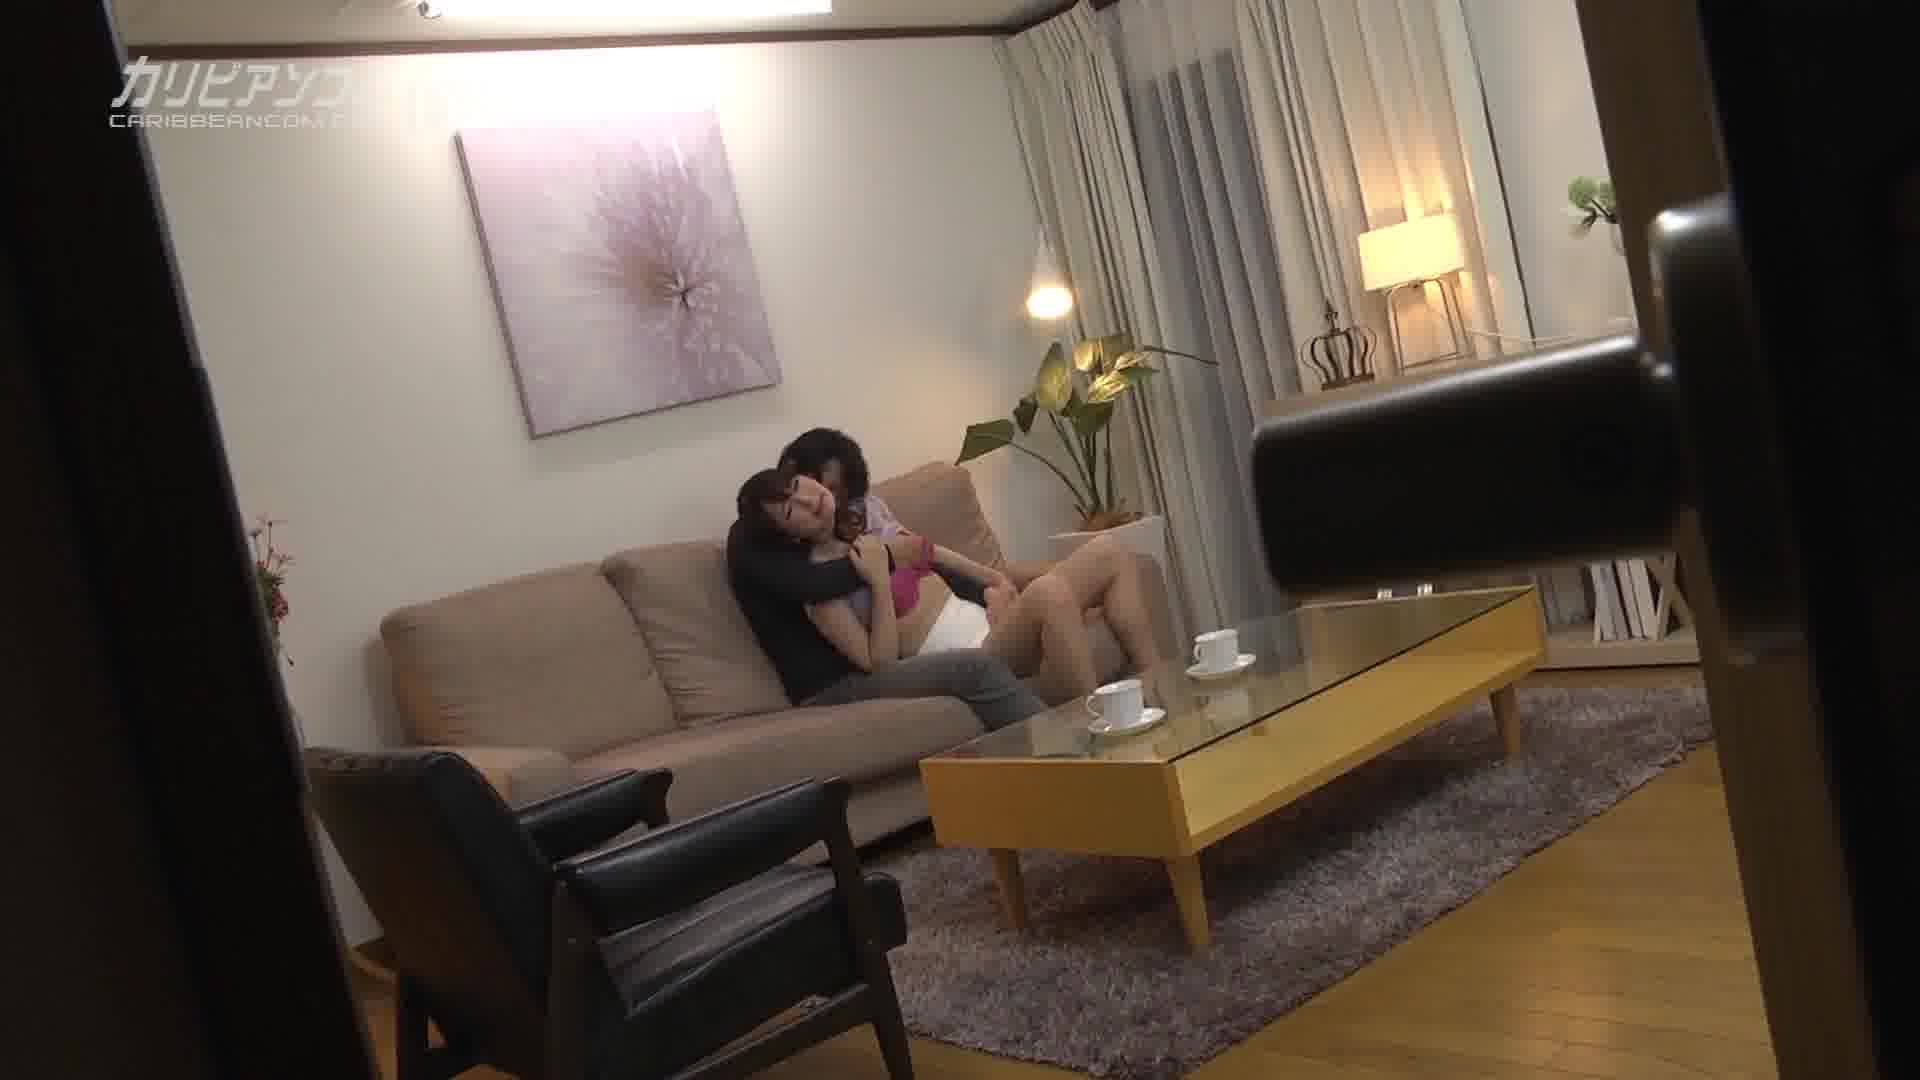 夫の目の前で妻が ~ウチの妻抱かせます~ - 満島ノエル【美尻・クンニ・中出し】